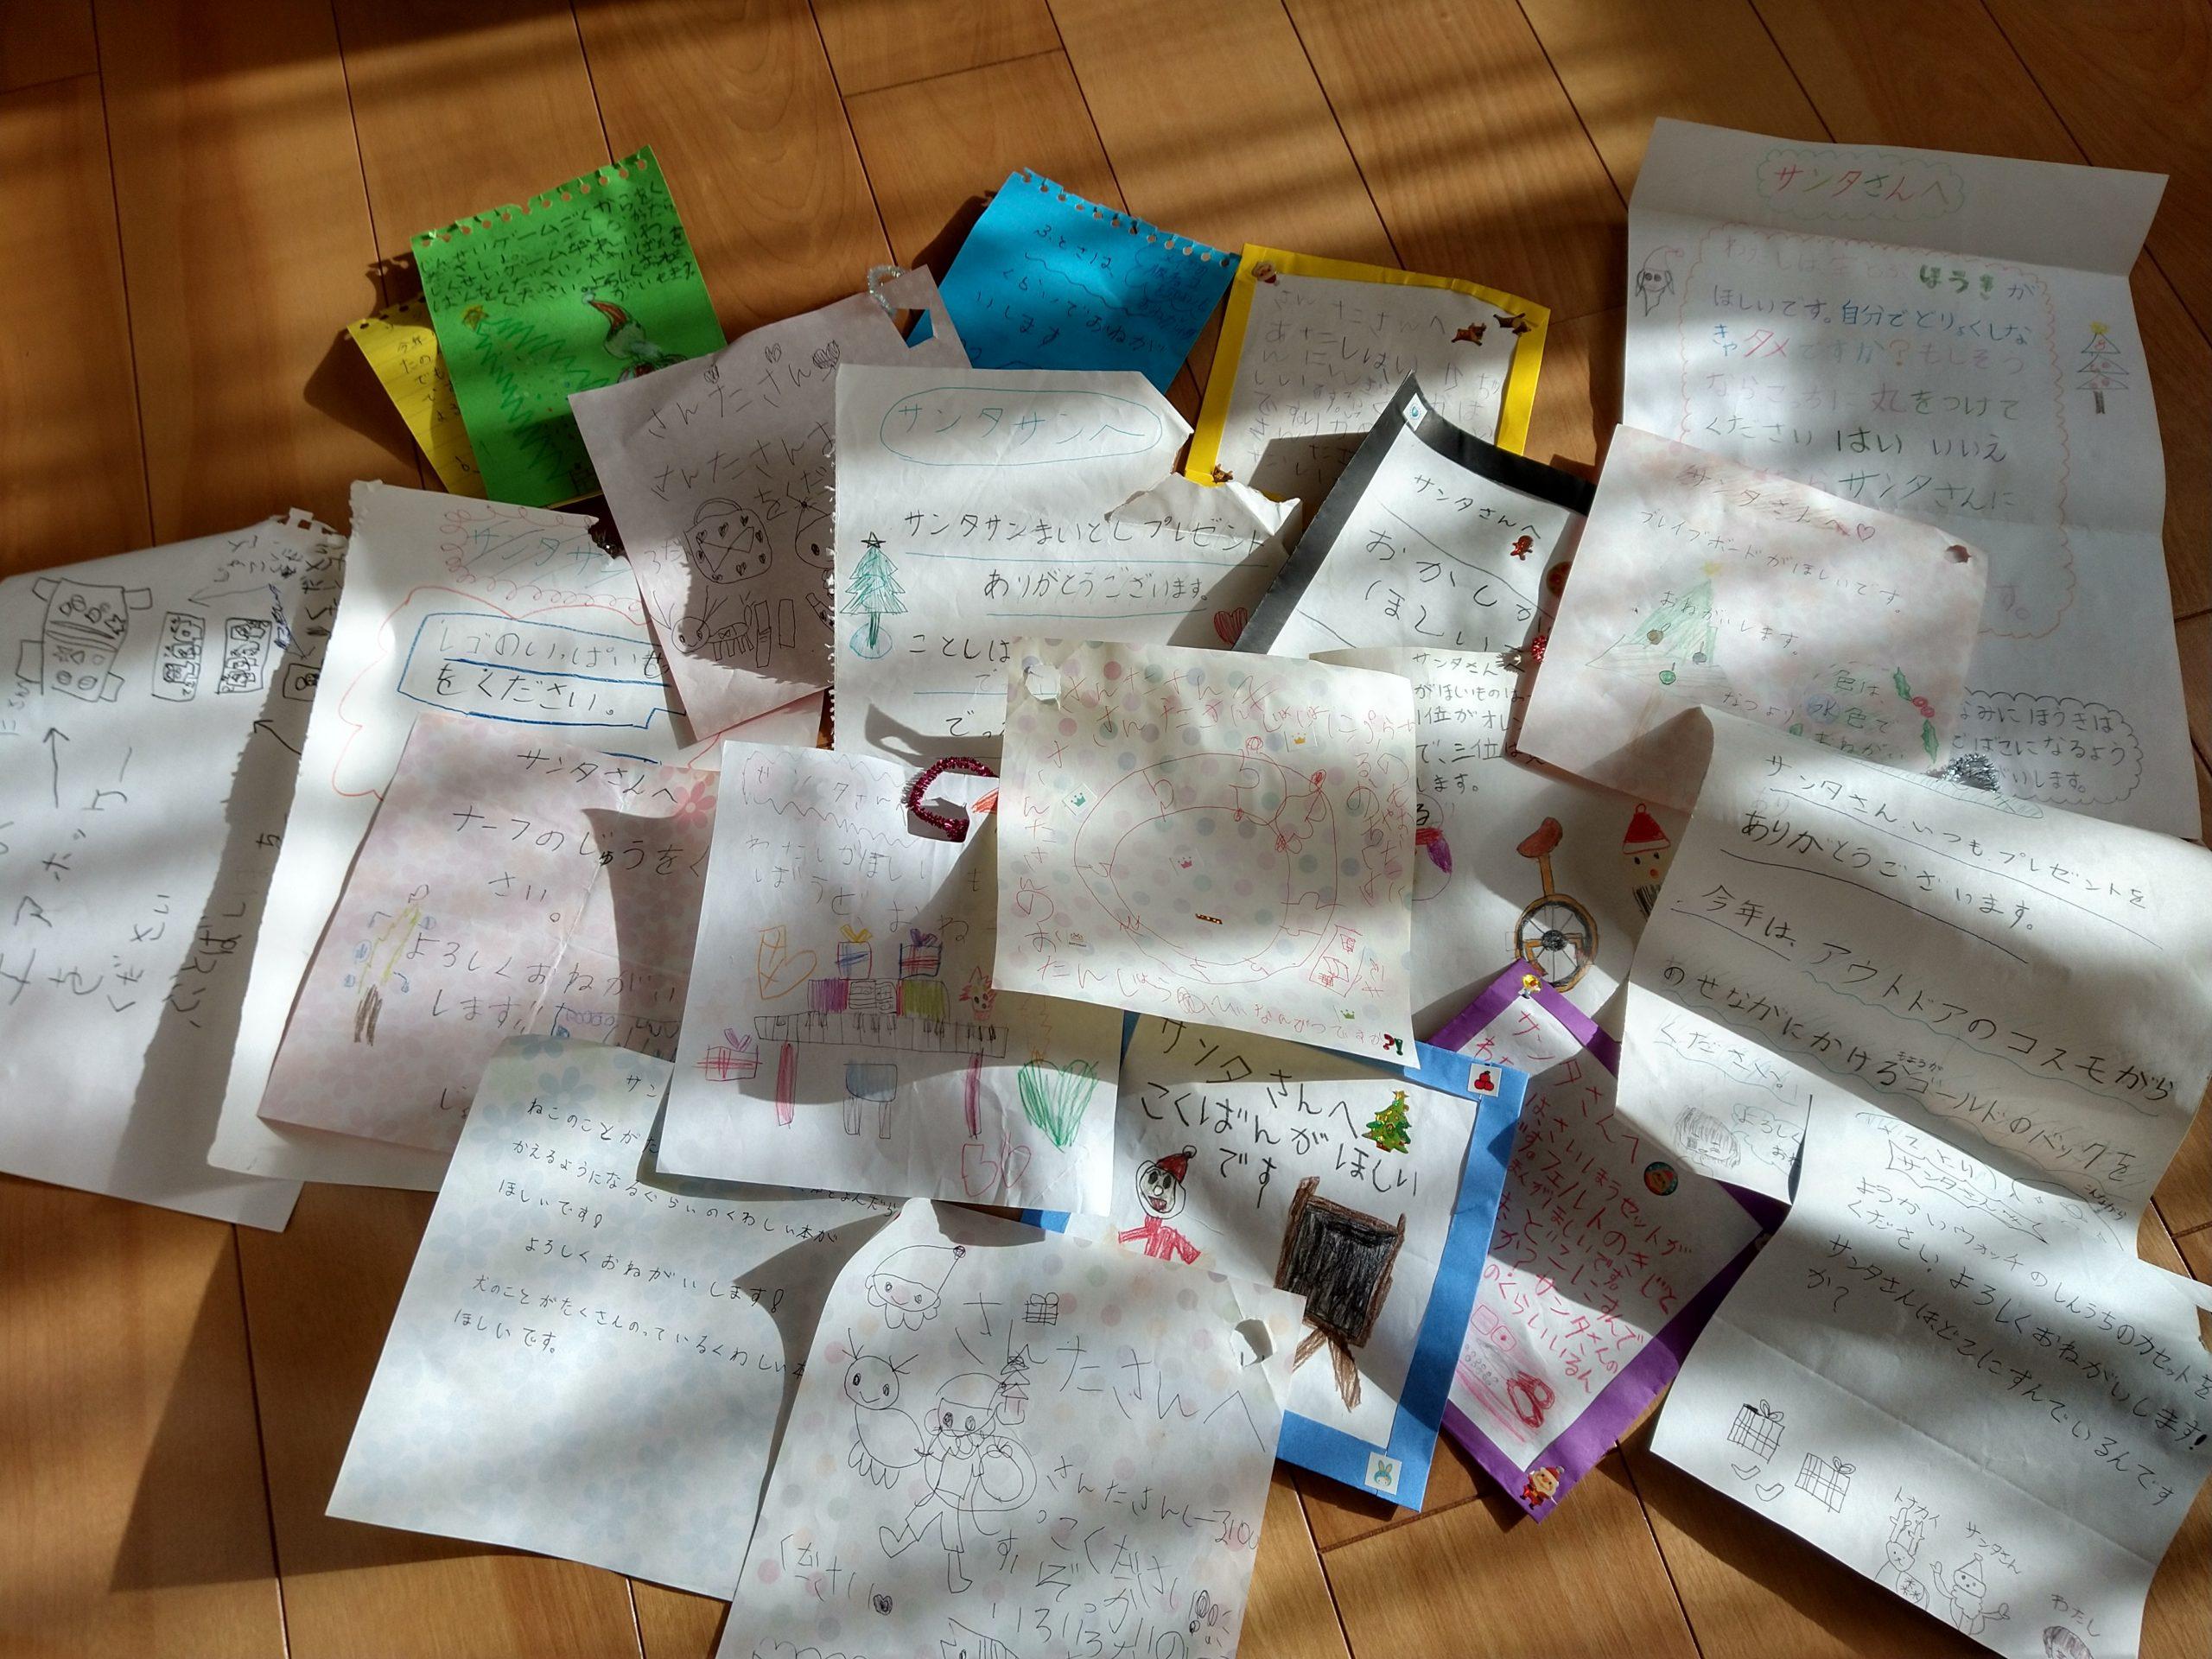 サンタさんへ宛てた手紙たくさん